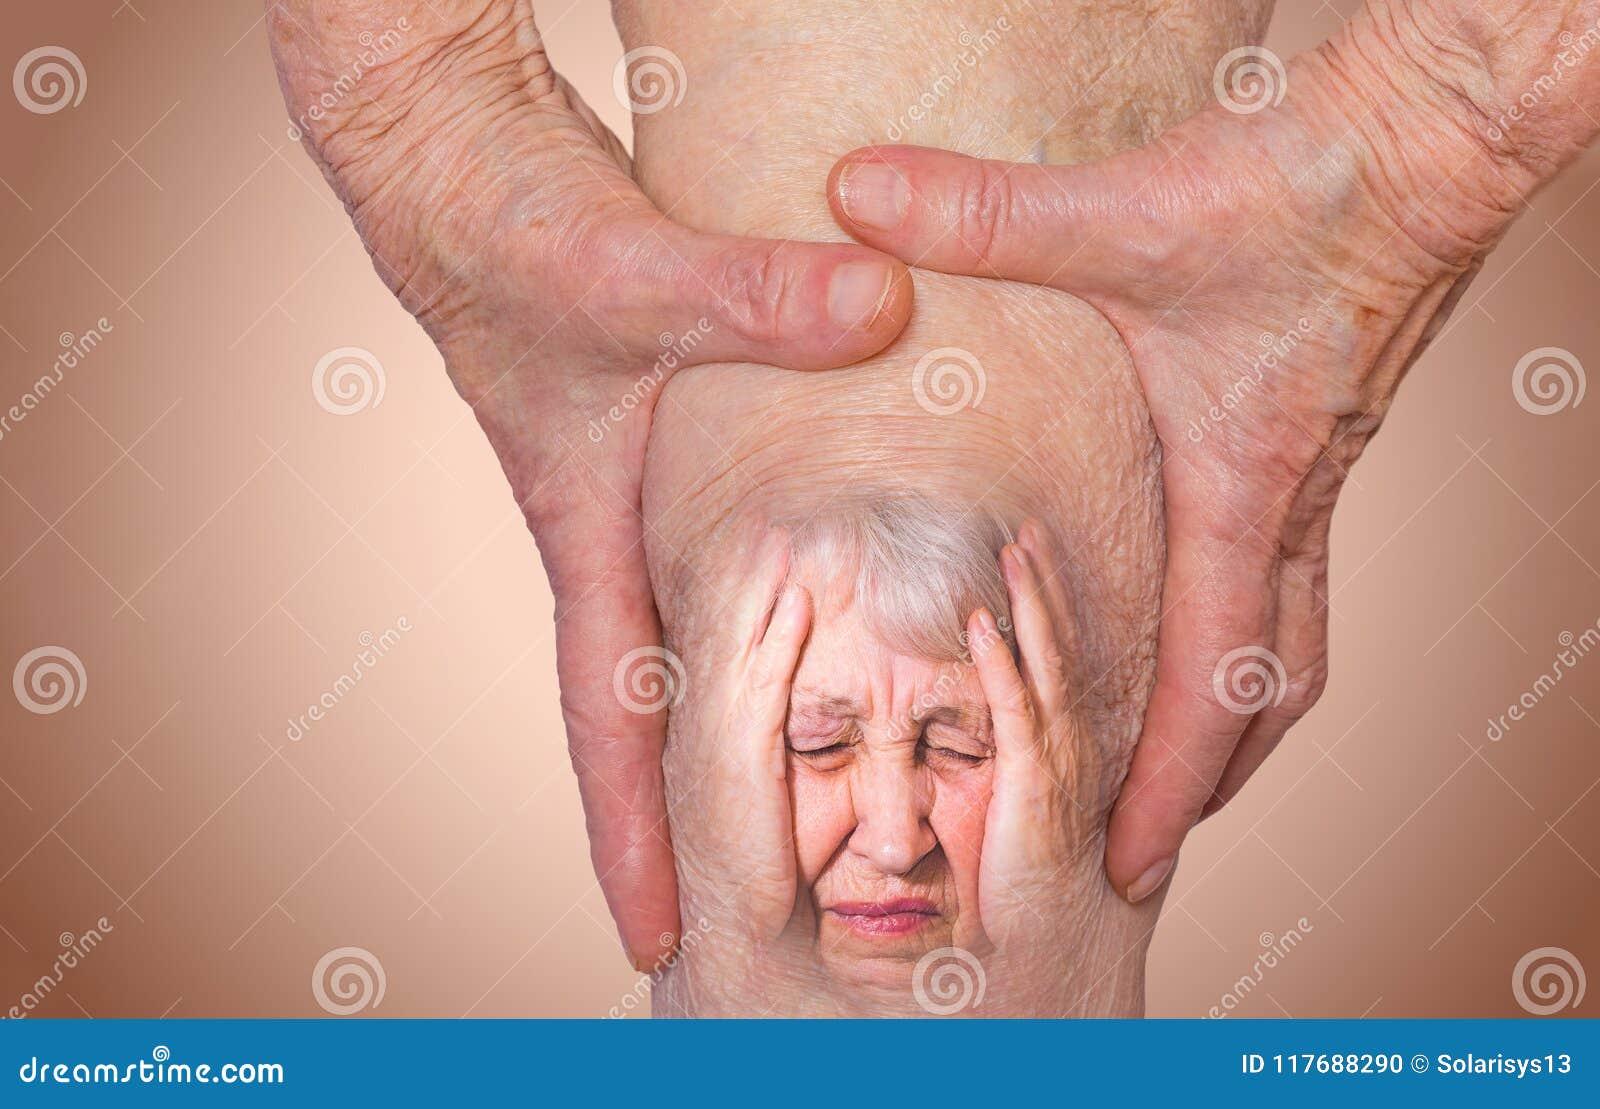 Ανώτερη γυναίκα που κρατά το γόνατο με τον πόνο